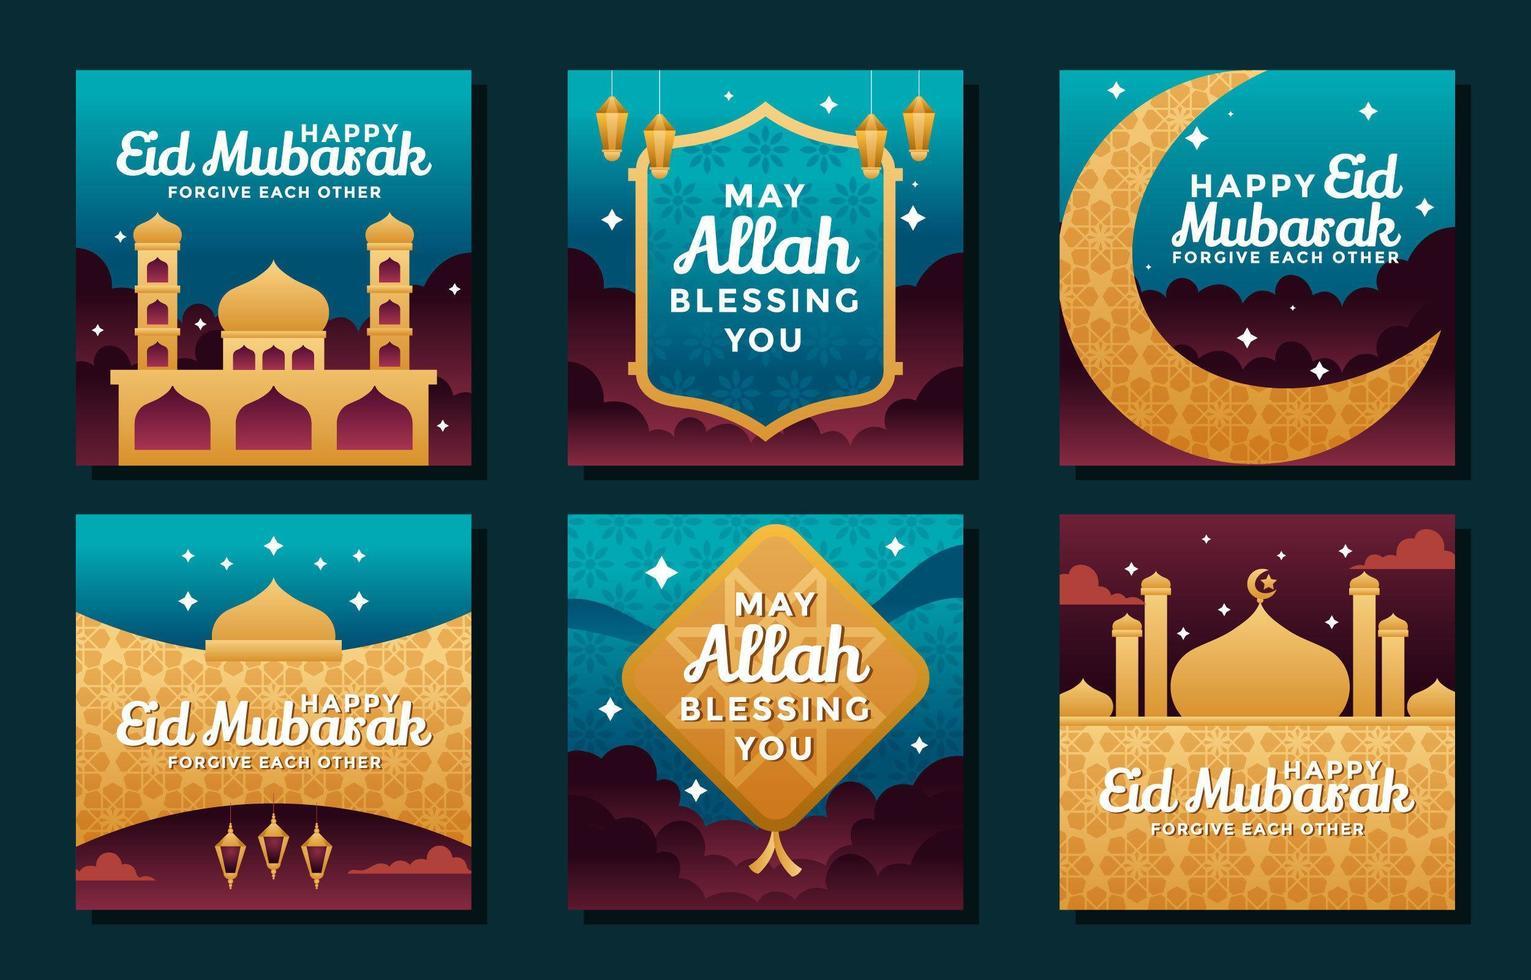 dela välsignelser i den heliga månaden Ramadan vektor